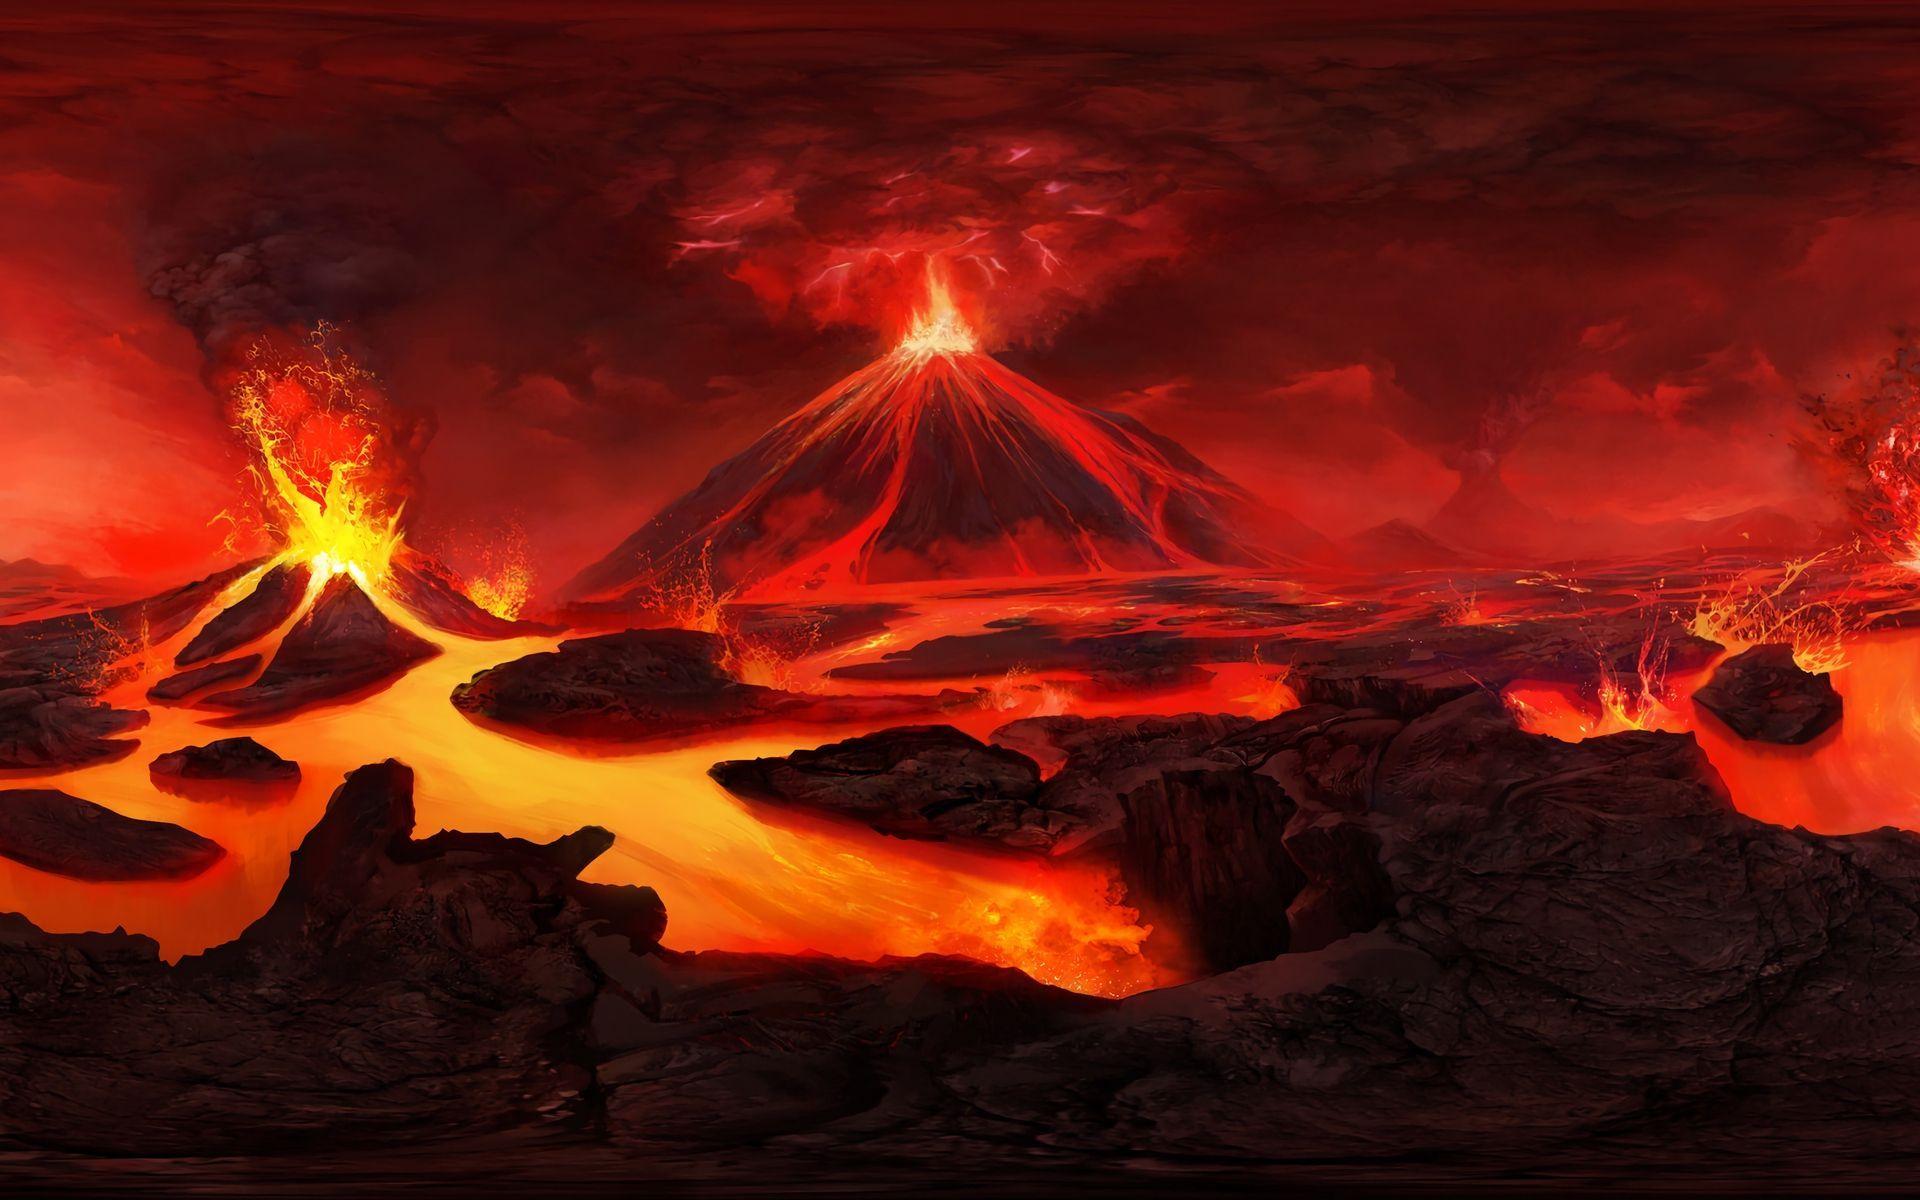 Volcano Art Wallpapers   Top Volcano Art Backgrounds 1920x1200